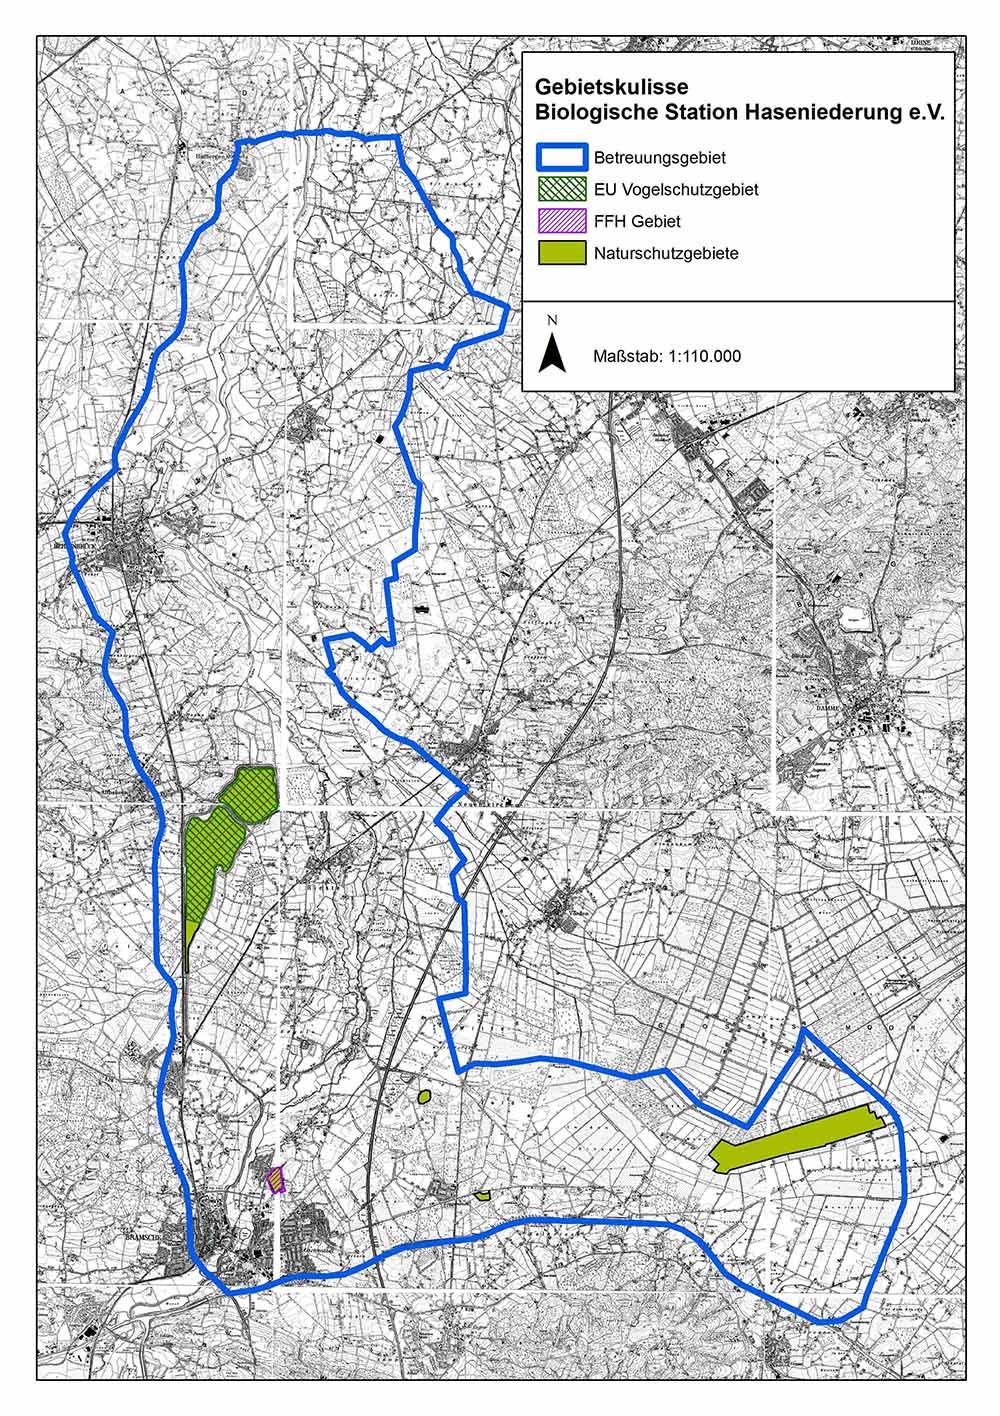 Landkarte mit markiertem Gebiet